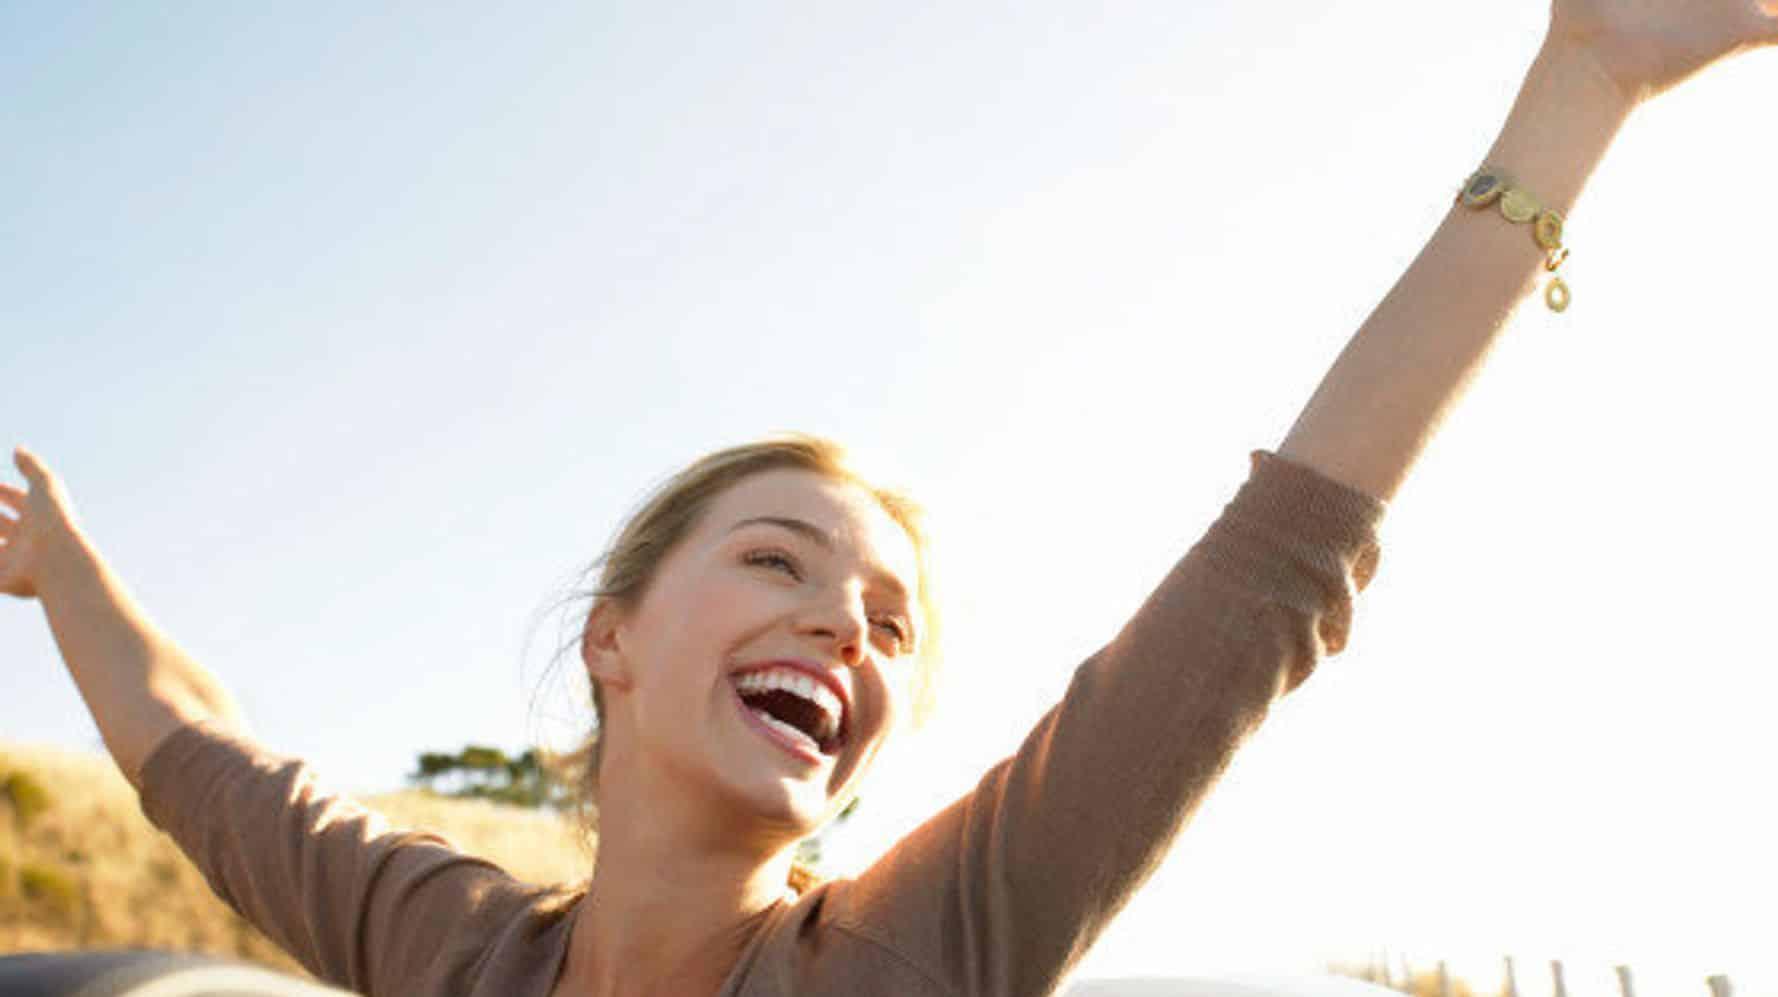 Tomar sol faz bem à saúde - Conheça os benefícios da pratica